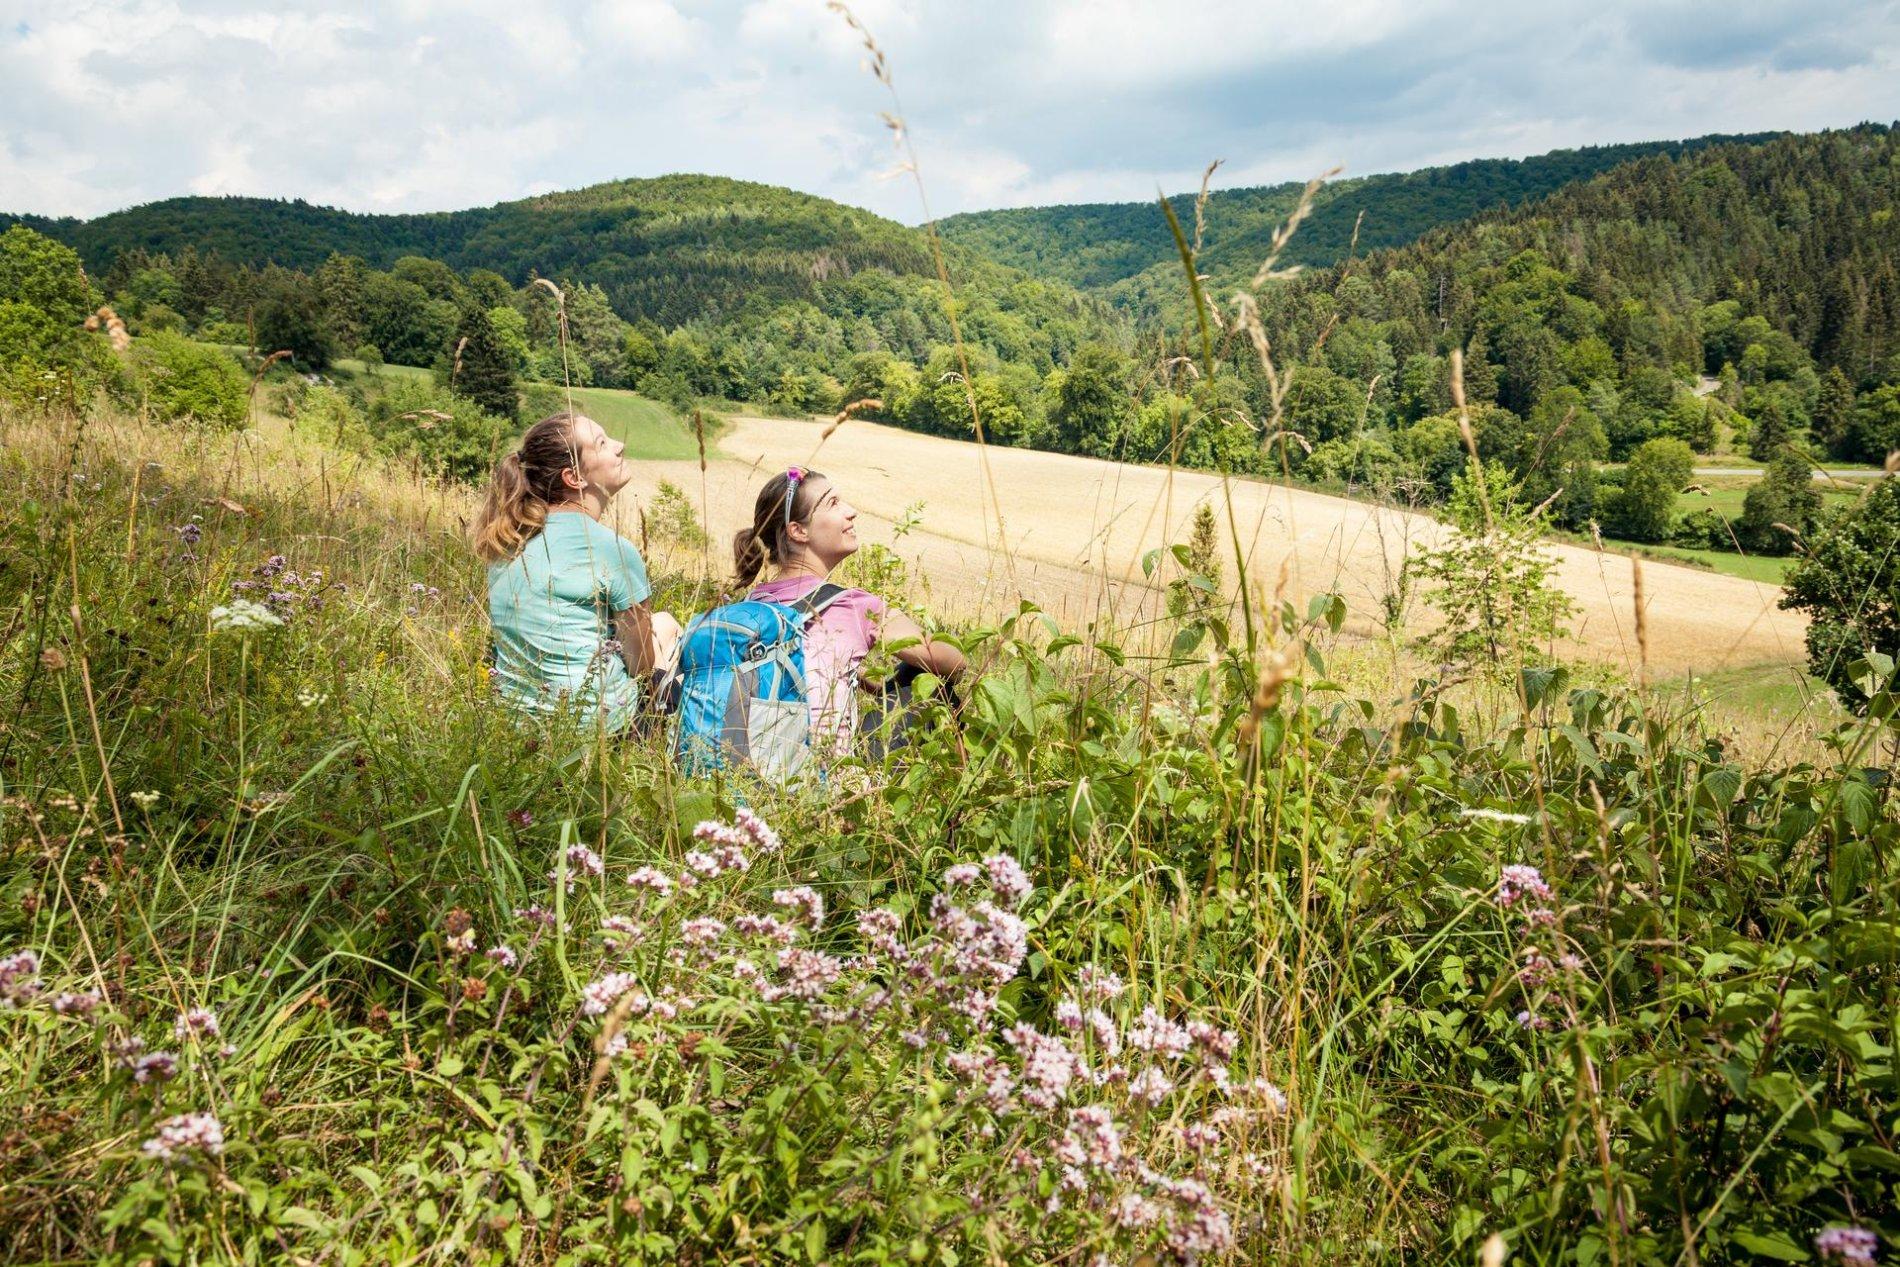 Zwei Wanderer*innen sitzen in einer hohen Blumenwiese und blicken in den leichtbewölkten Himmel.